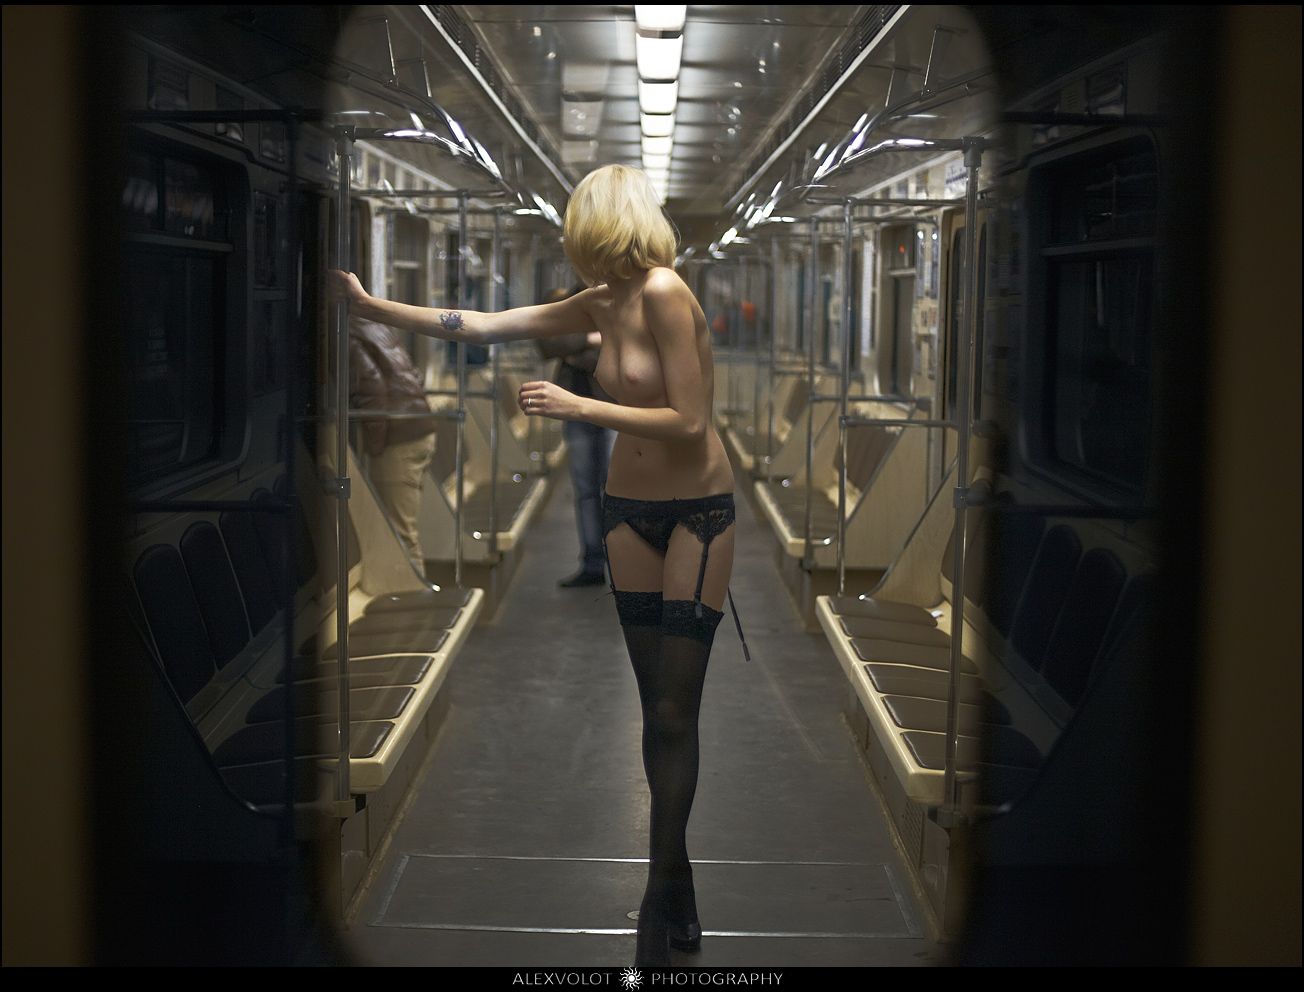 Секс а вагоне 12 фотография